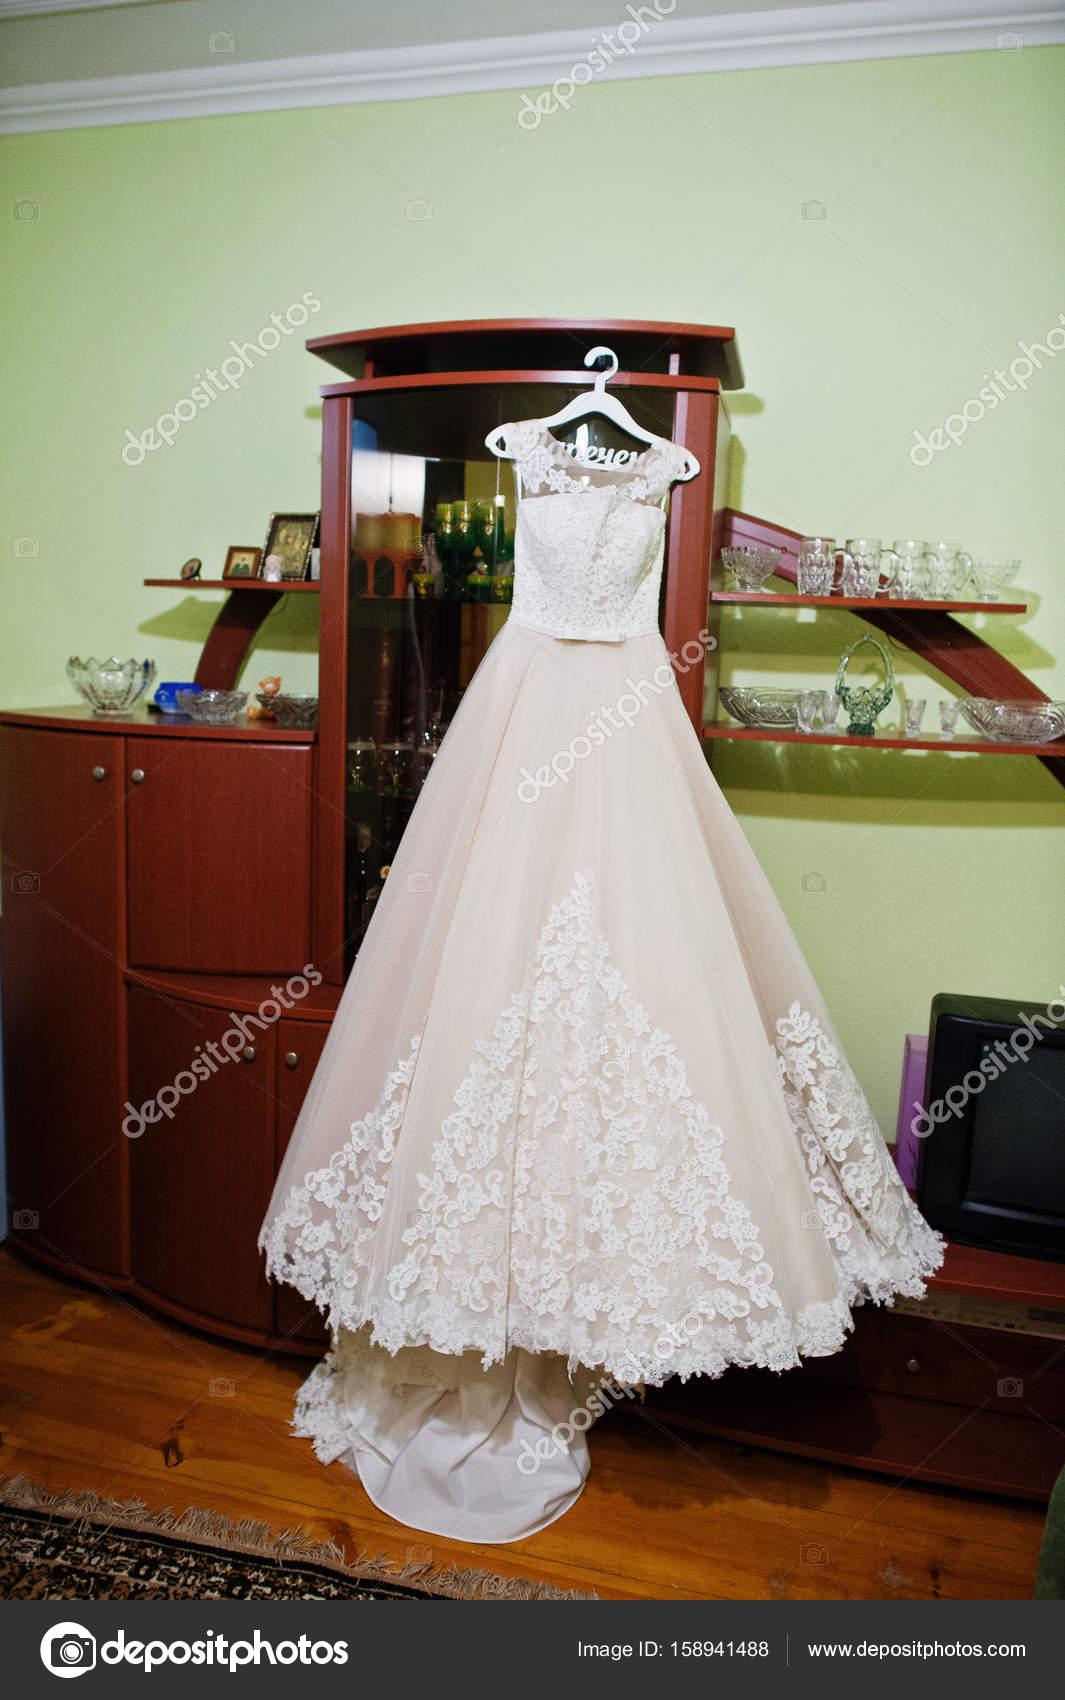 Atemberaubenden Brautkleid hängen Kleiderbügel im Zimmer — Stockfoto ...